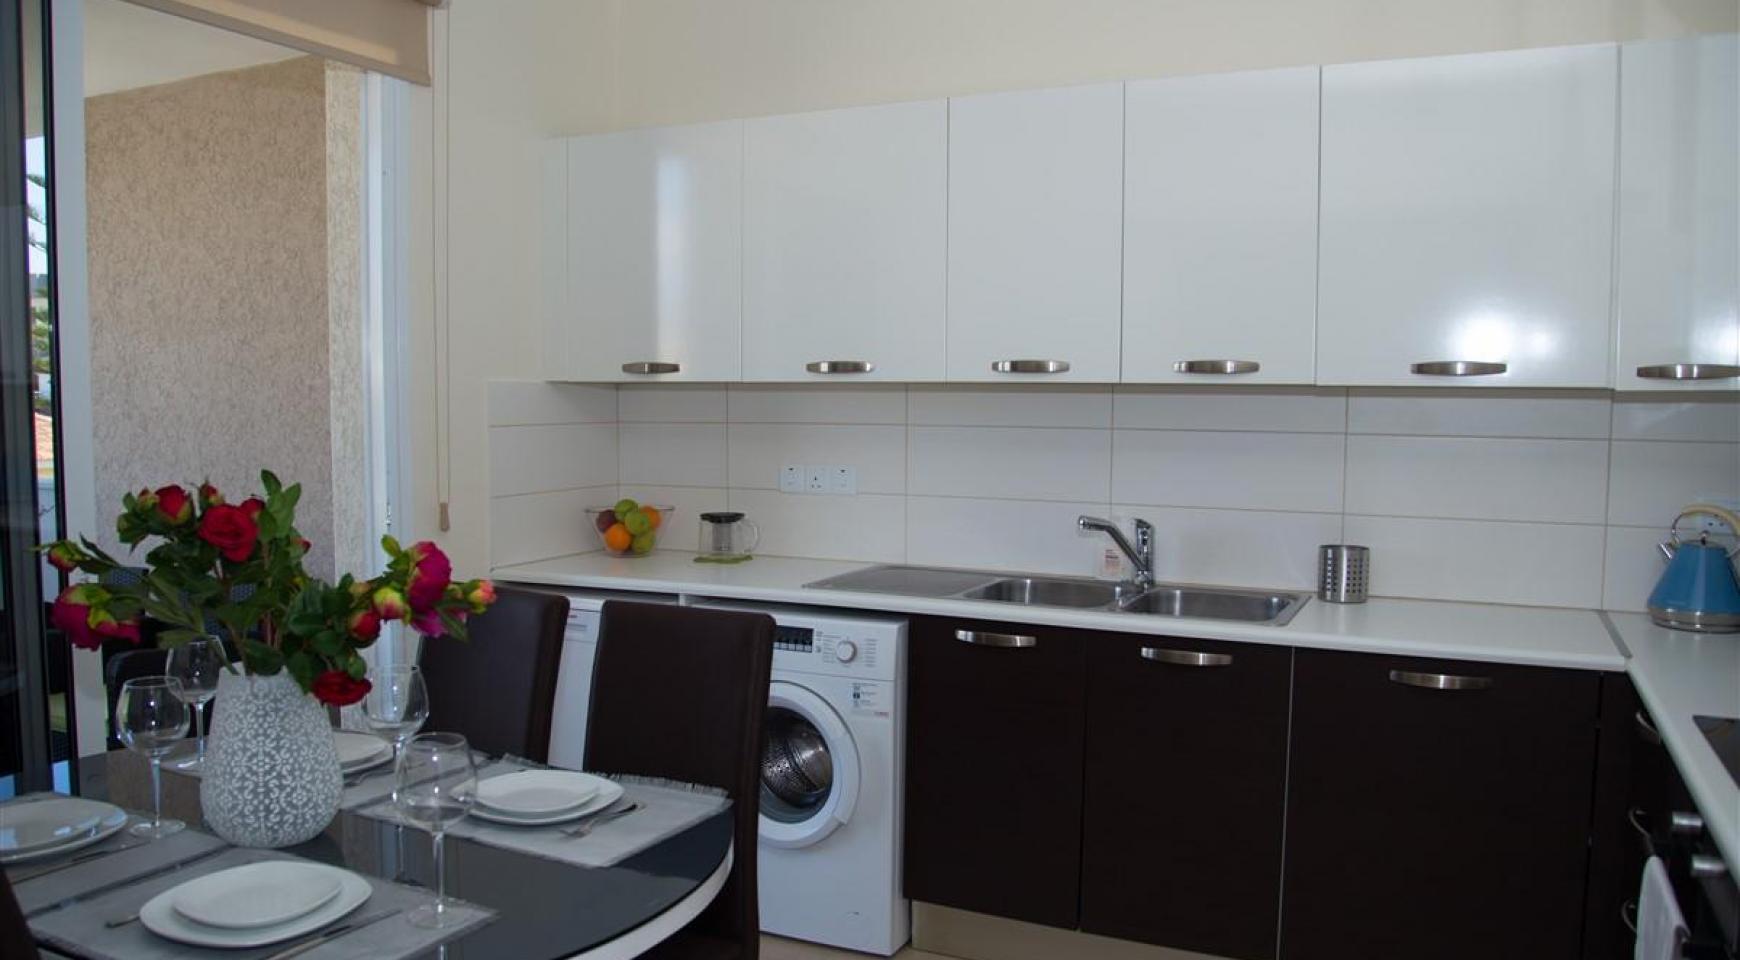 Μοντέρνο διαμέρισμα 2 υπνοδωματίων στην περιοχή Ποταμός Γερμασόγειας - 5